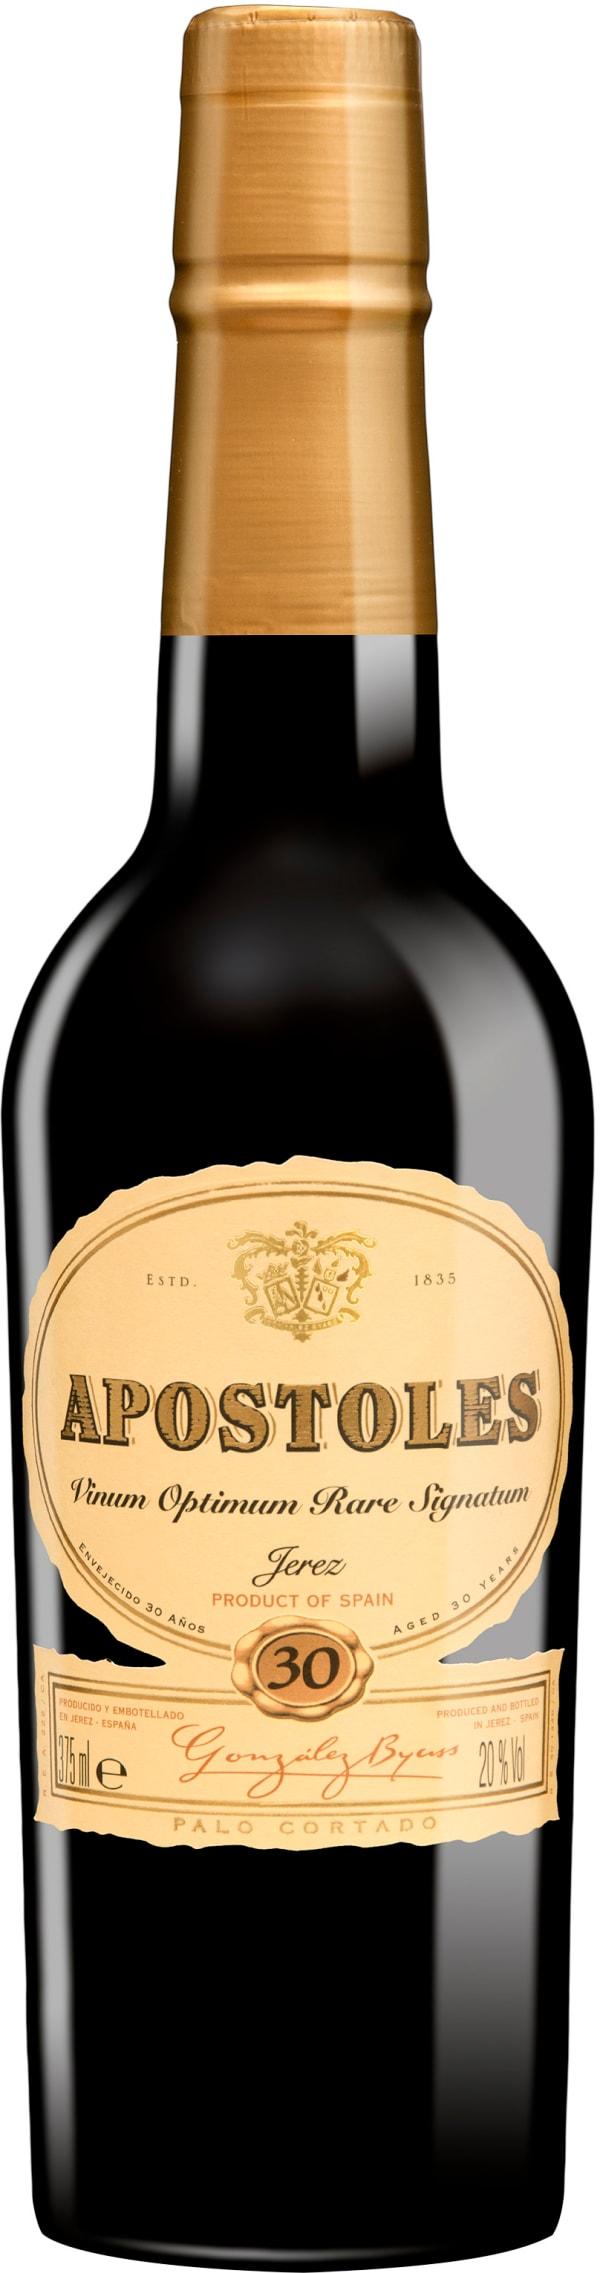 Apostoles Palo Cortado